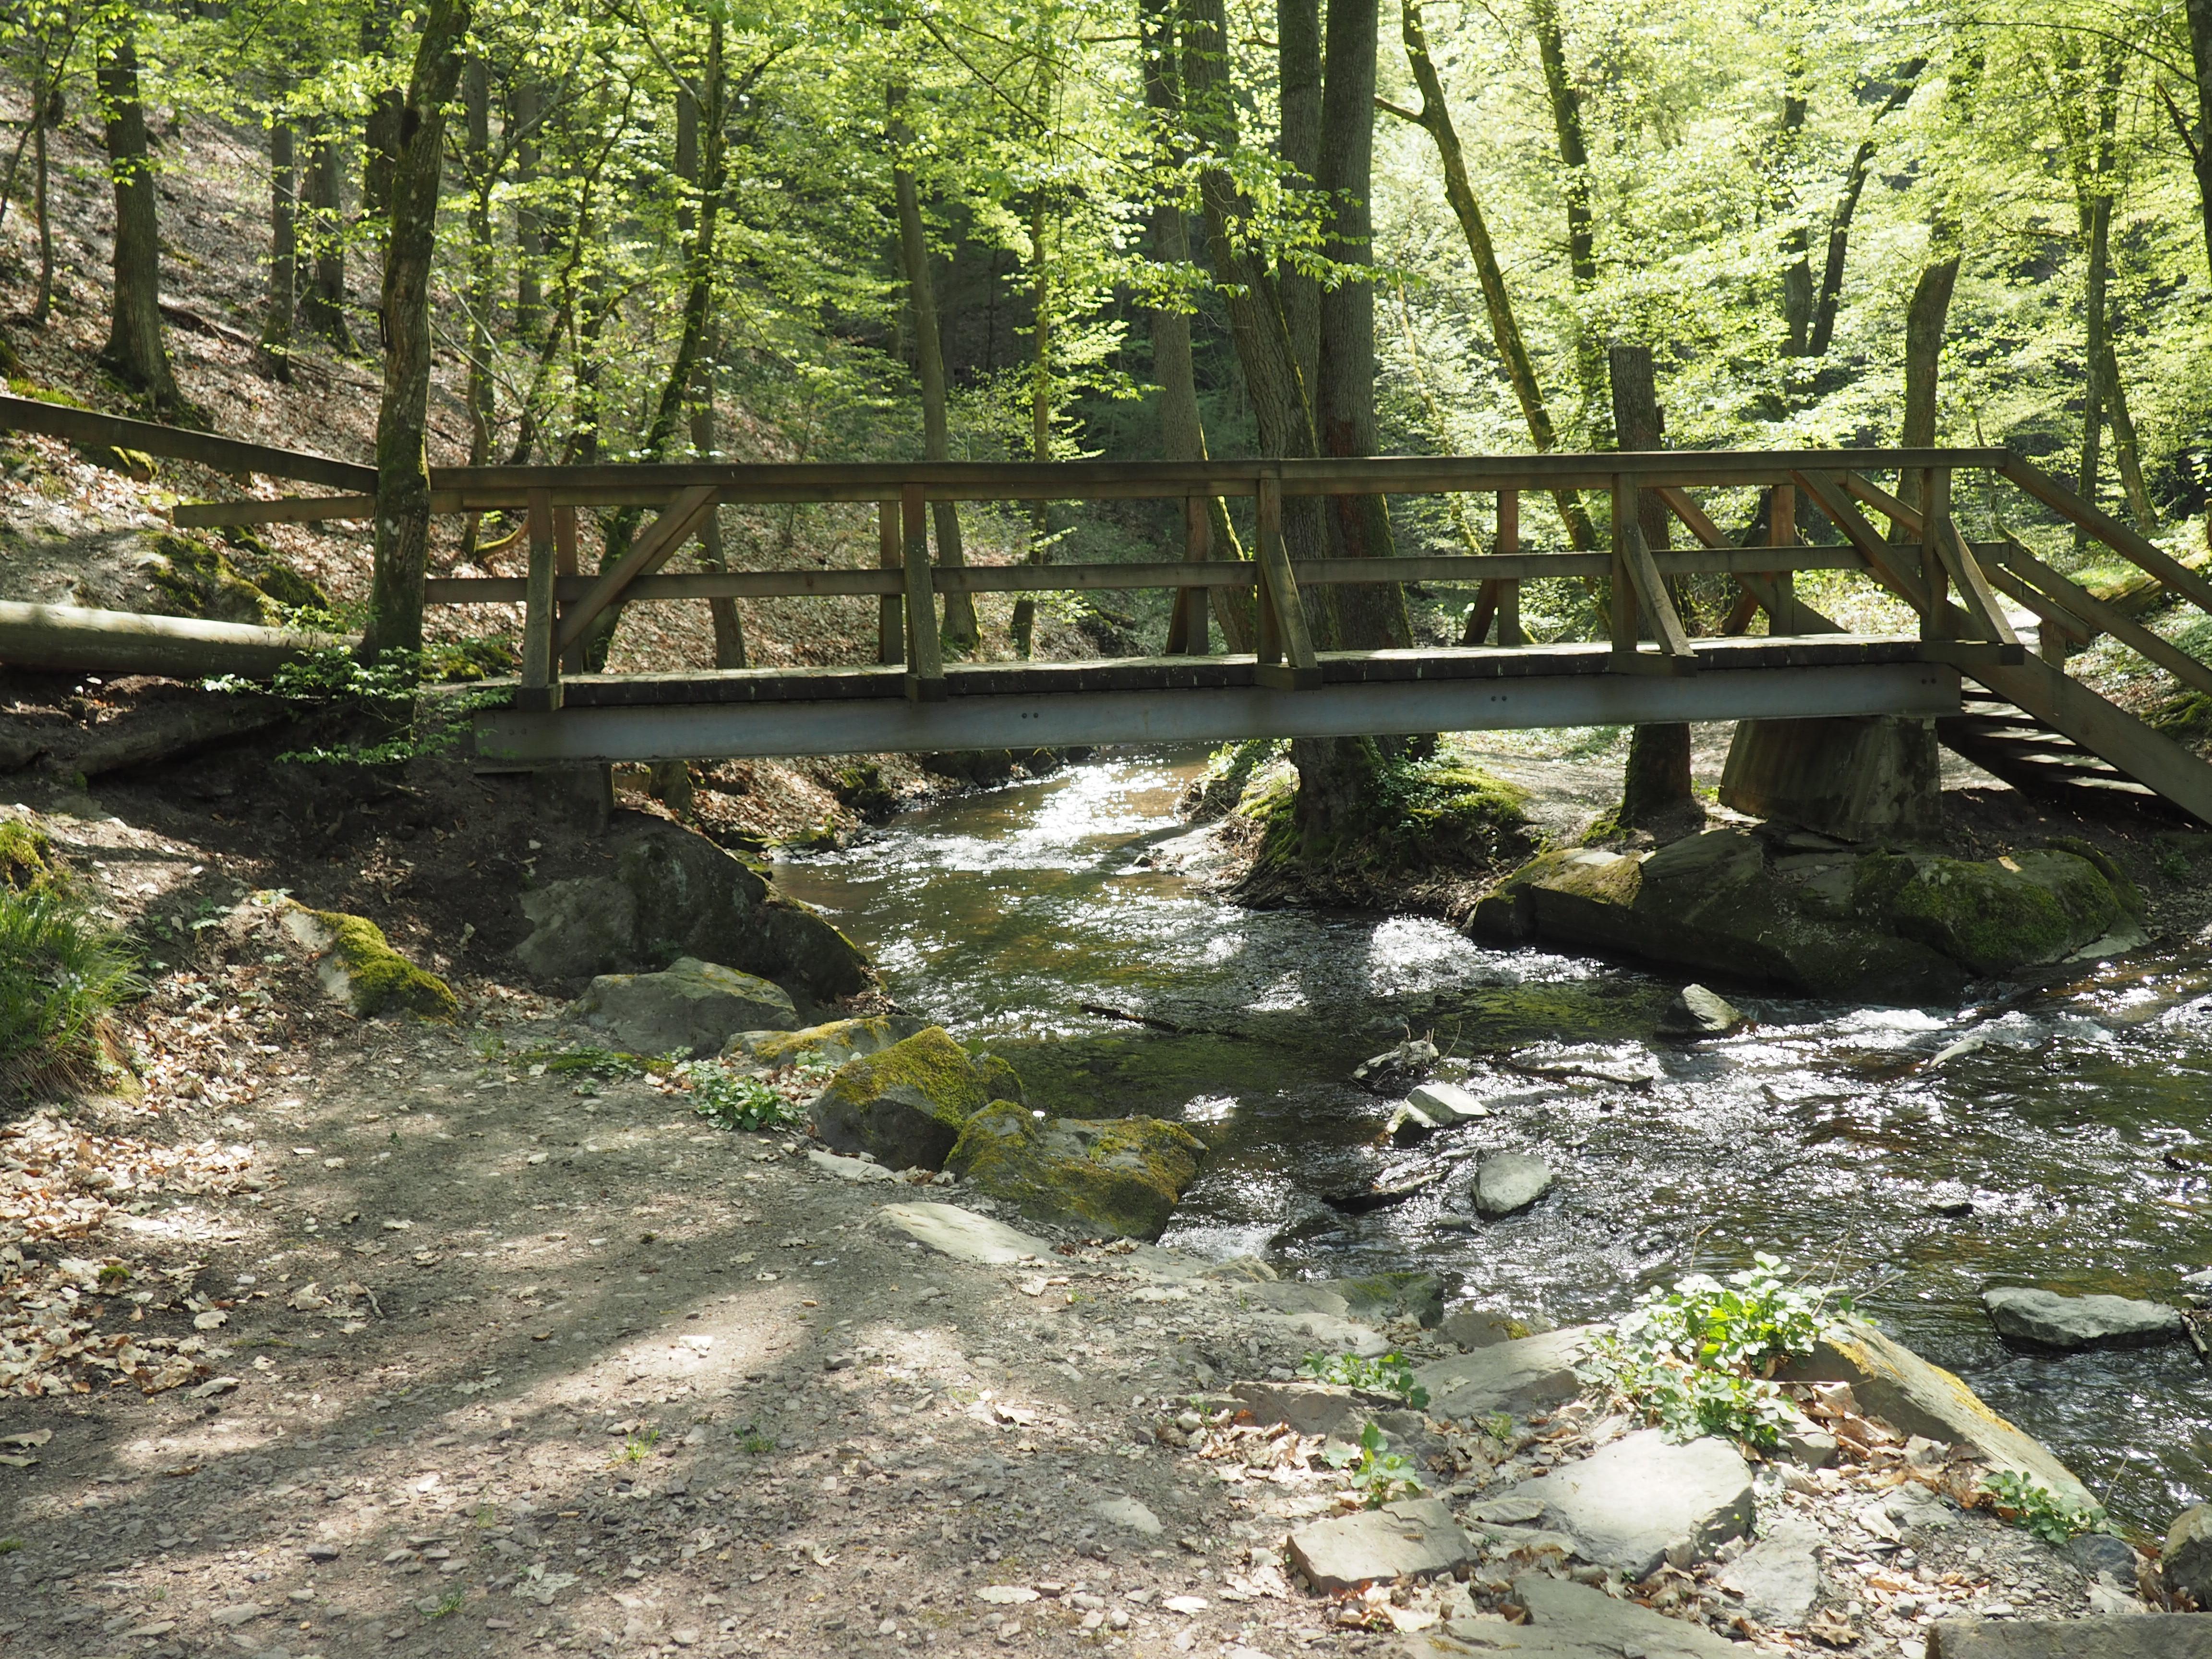 Impressionen von der wildromantischen Ehrbachklamm in der Nähe von Brodenbach an der Mosel